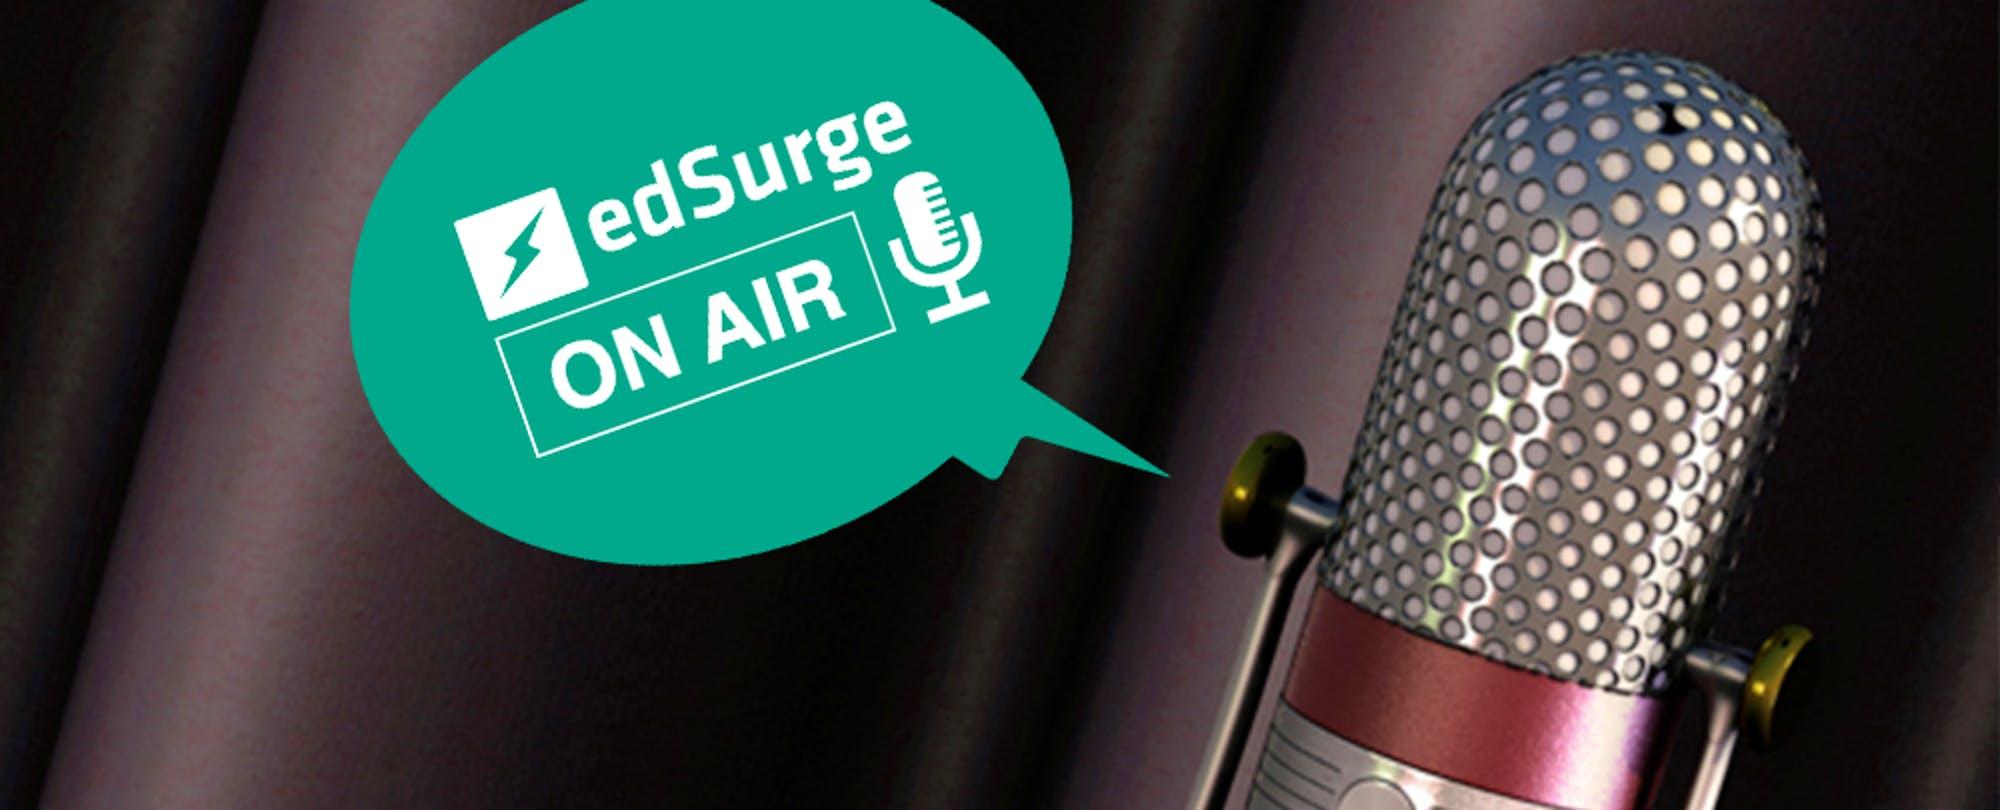 On Air: EdSurge Podcast, Week of Mar 23 - Mar 27